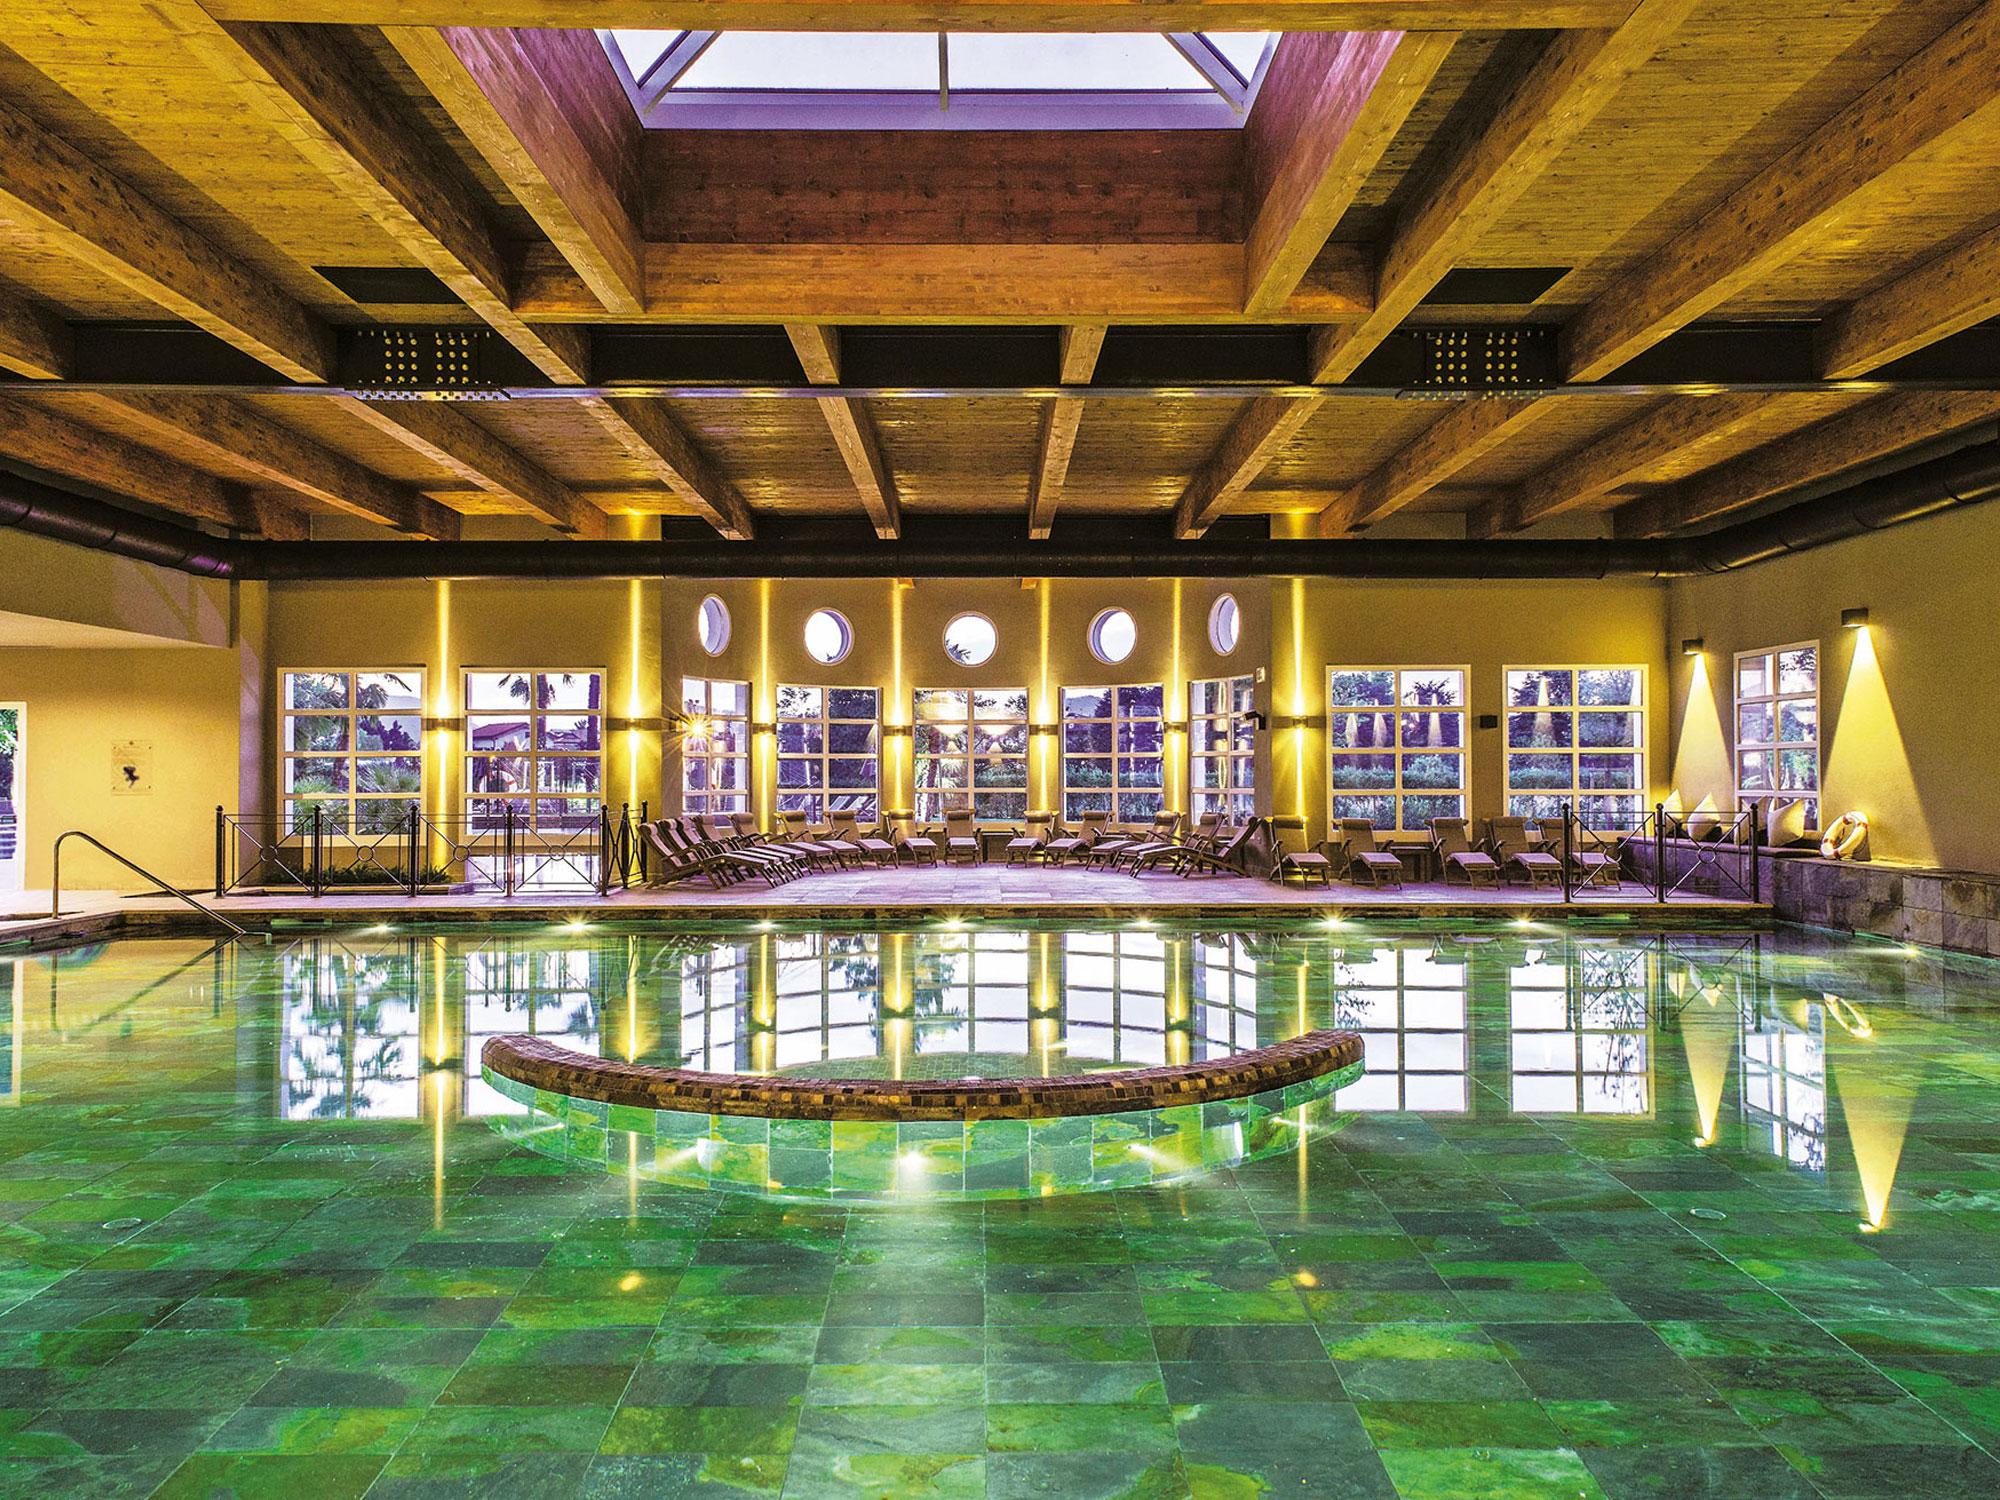 Relilax hotel terme montegrotto piscine bio design - Terme preistoriche montegrotto prezzi piscina ...